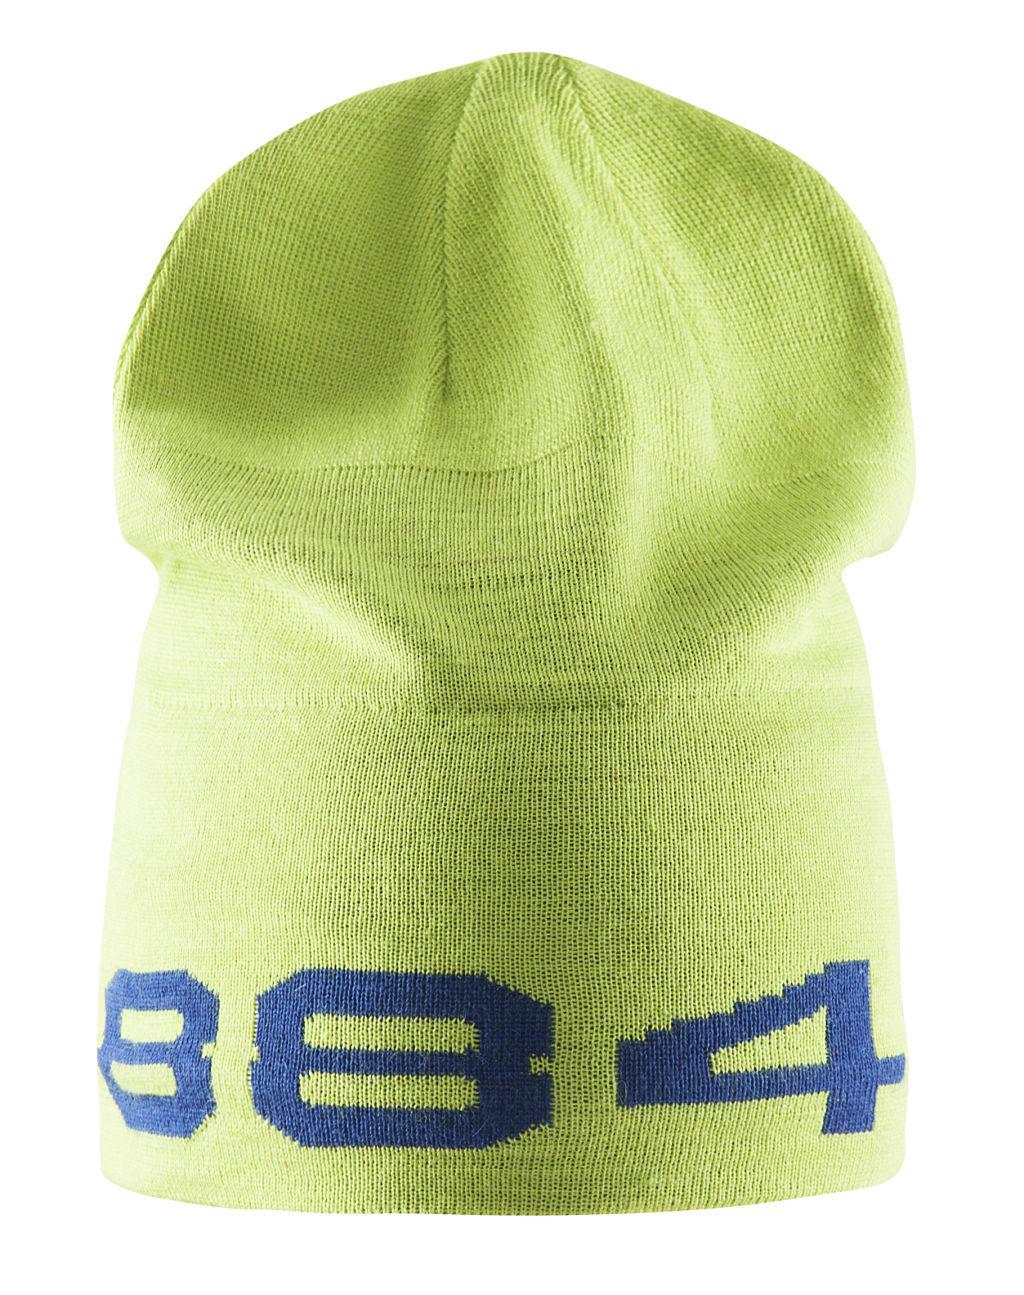 Горнолыжная шапка 8848 Altitude Big Logo (182283) унисекс